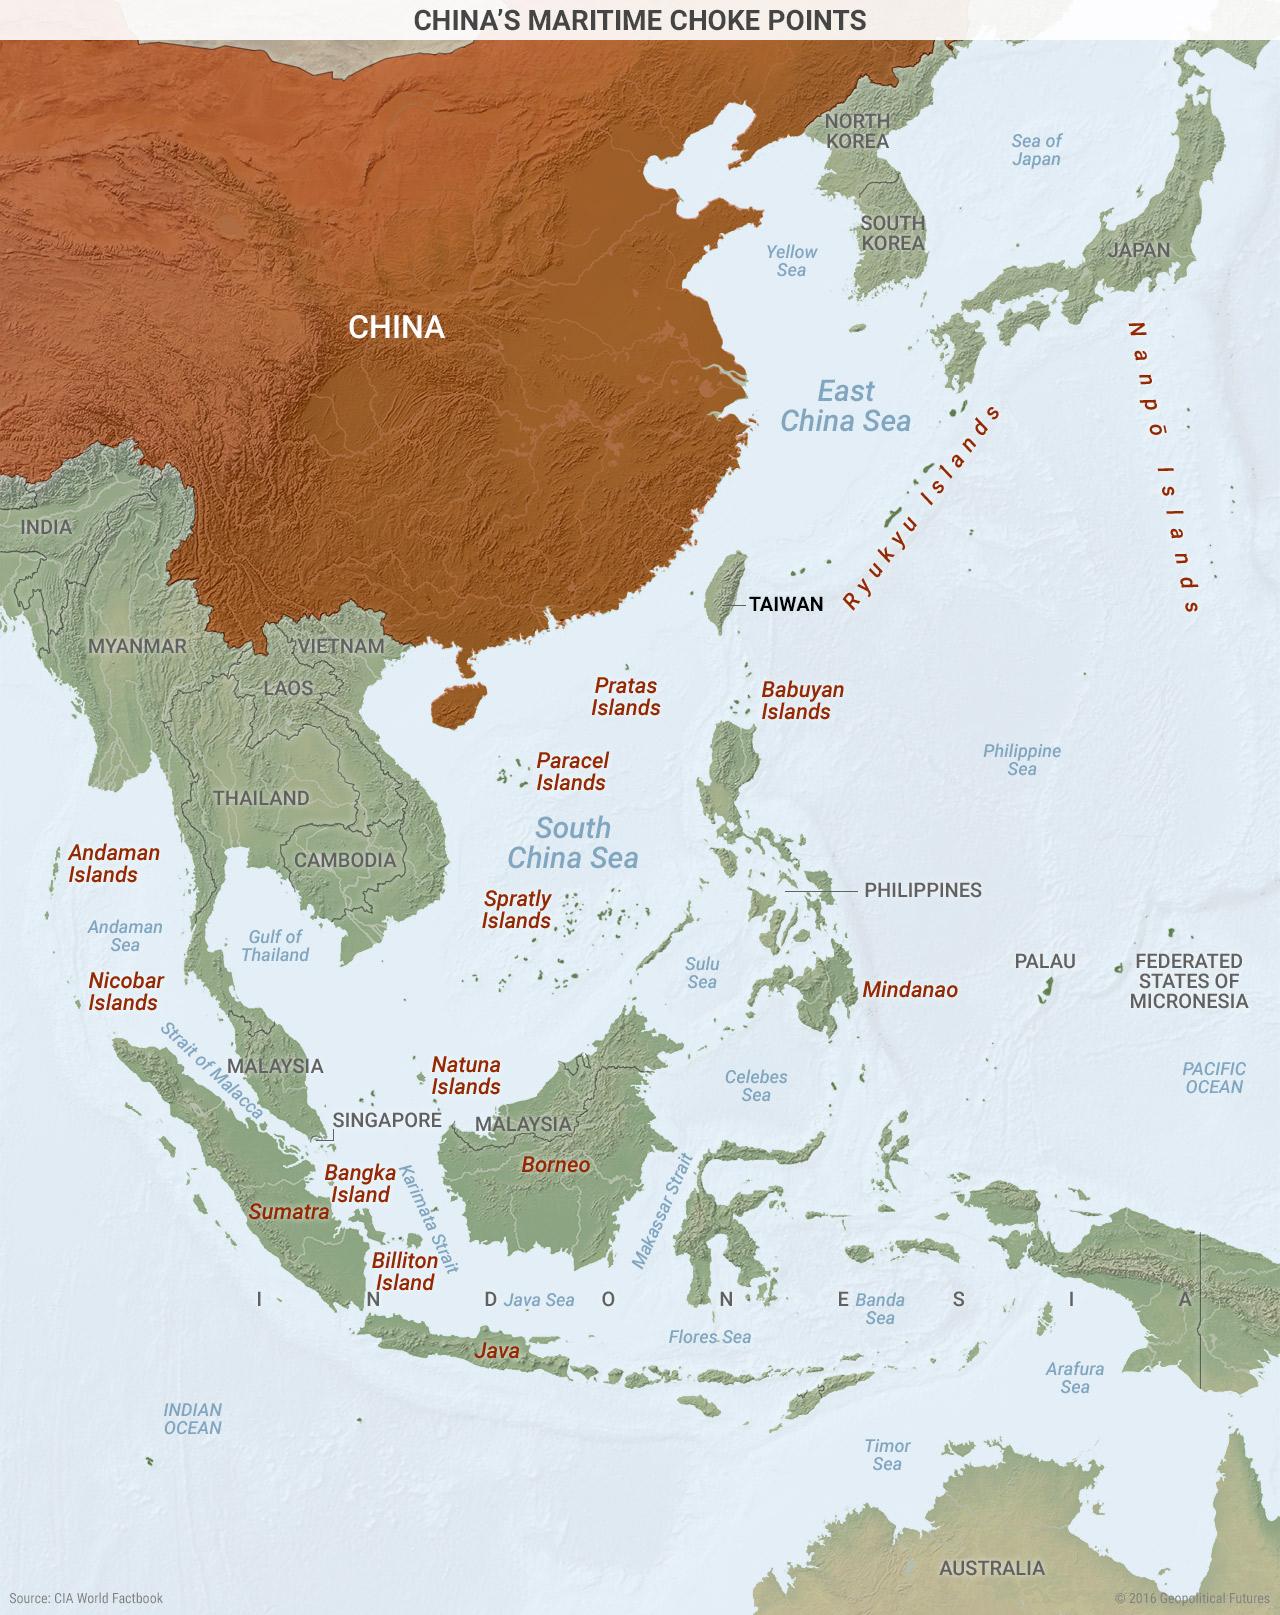 China's Maritime Choke Points